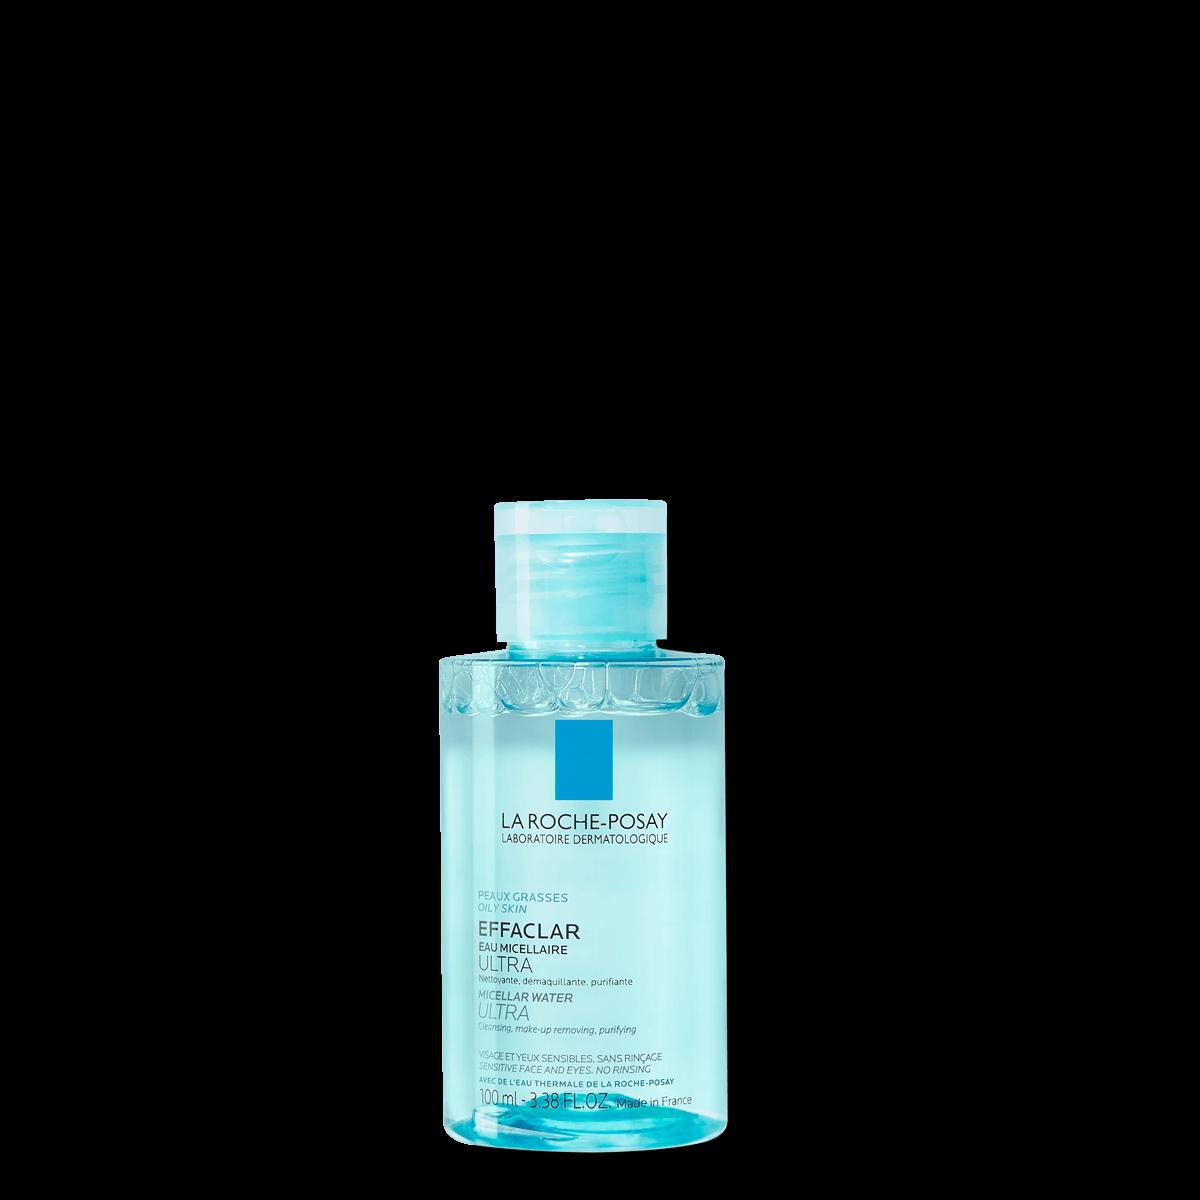 La Roche Posay Face Cleanser Effaclar Micellar Water Ultra 100ml 33378